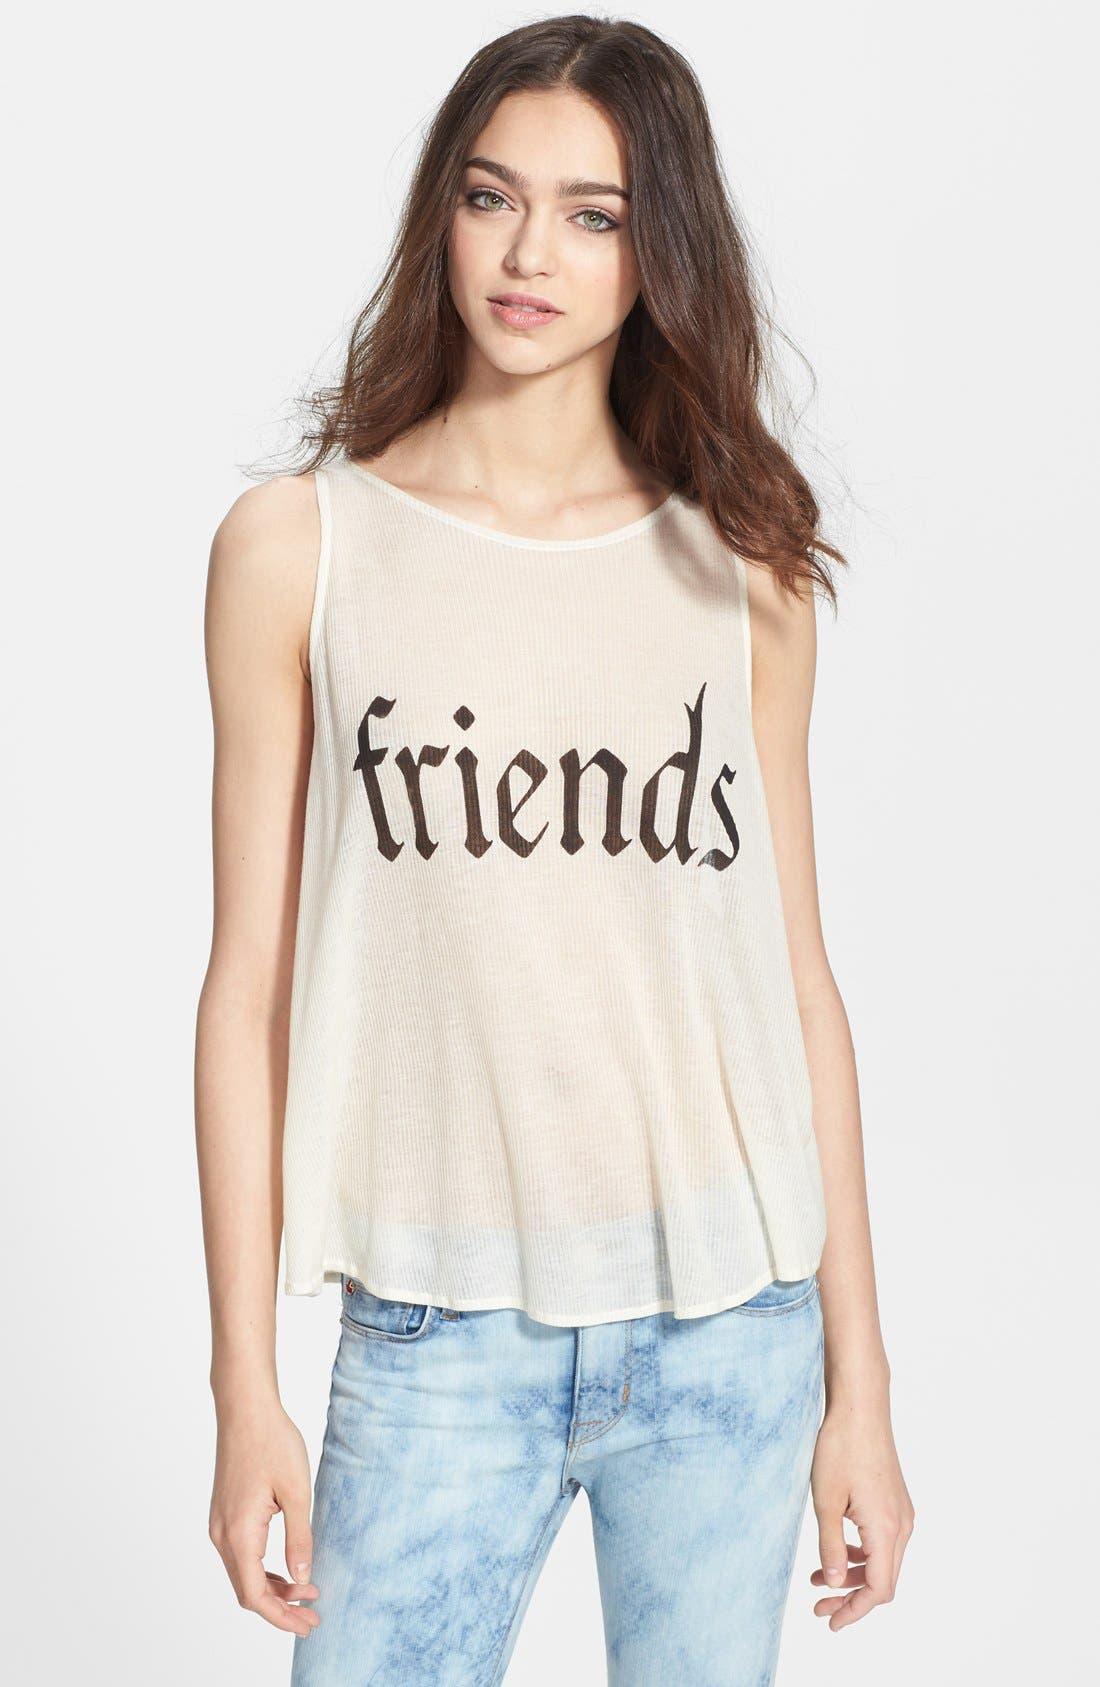 Main Image - Wildfox 'Friends' Sheer Ribbed Tank